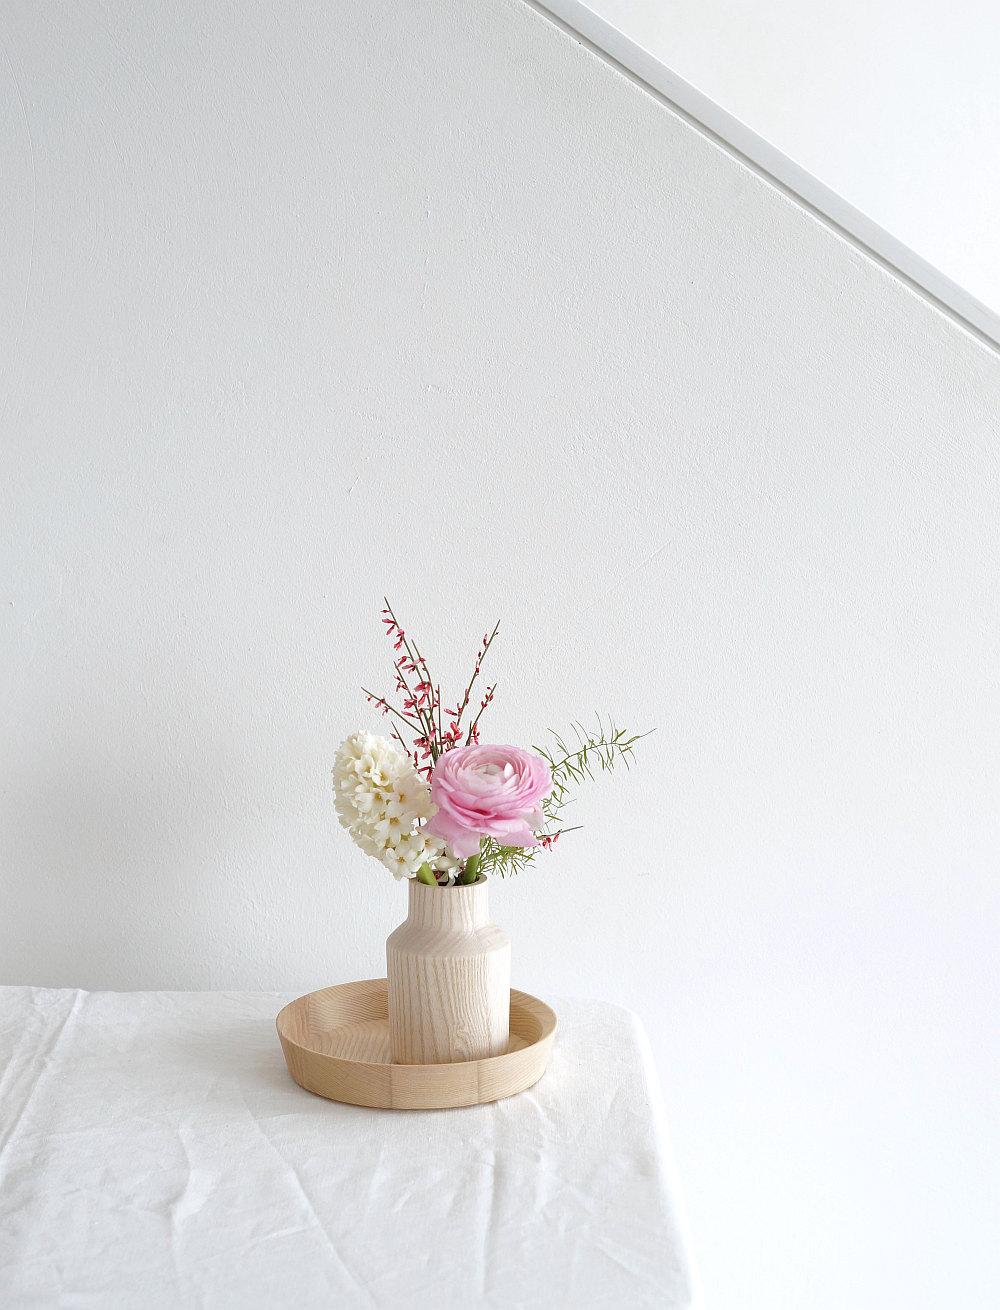 Zartrosa Blüten und helles Holz | Foto: Sabine Wittig